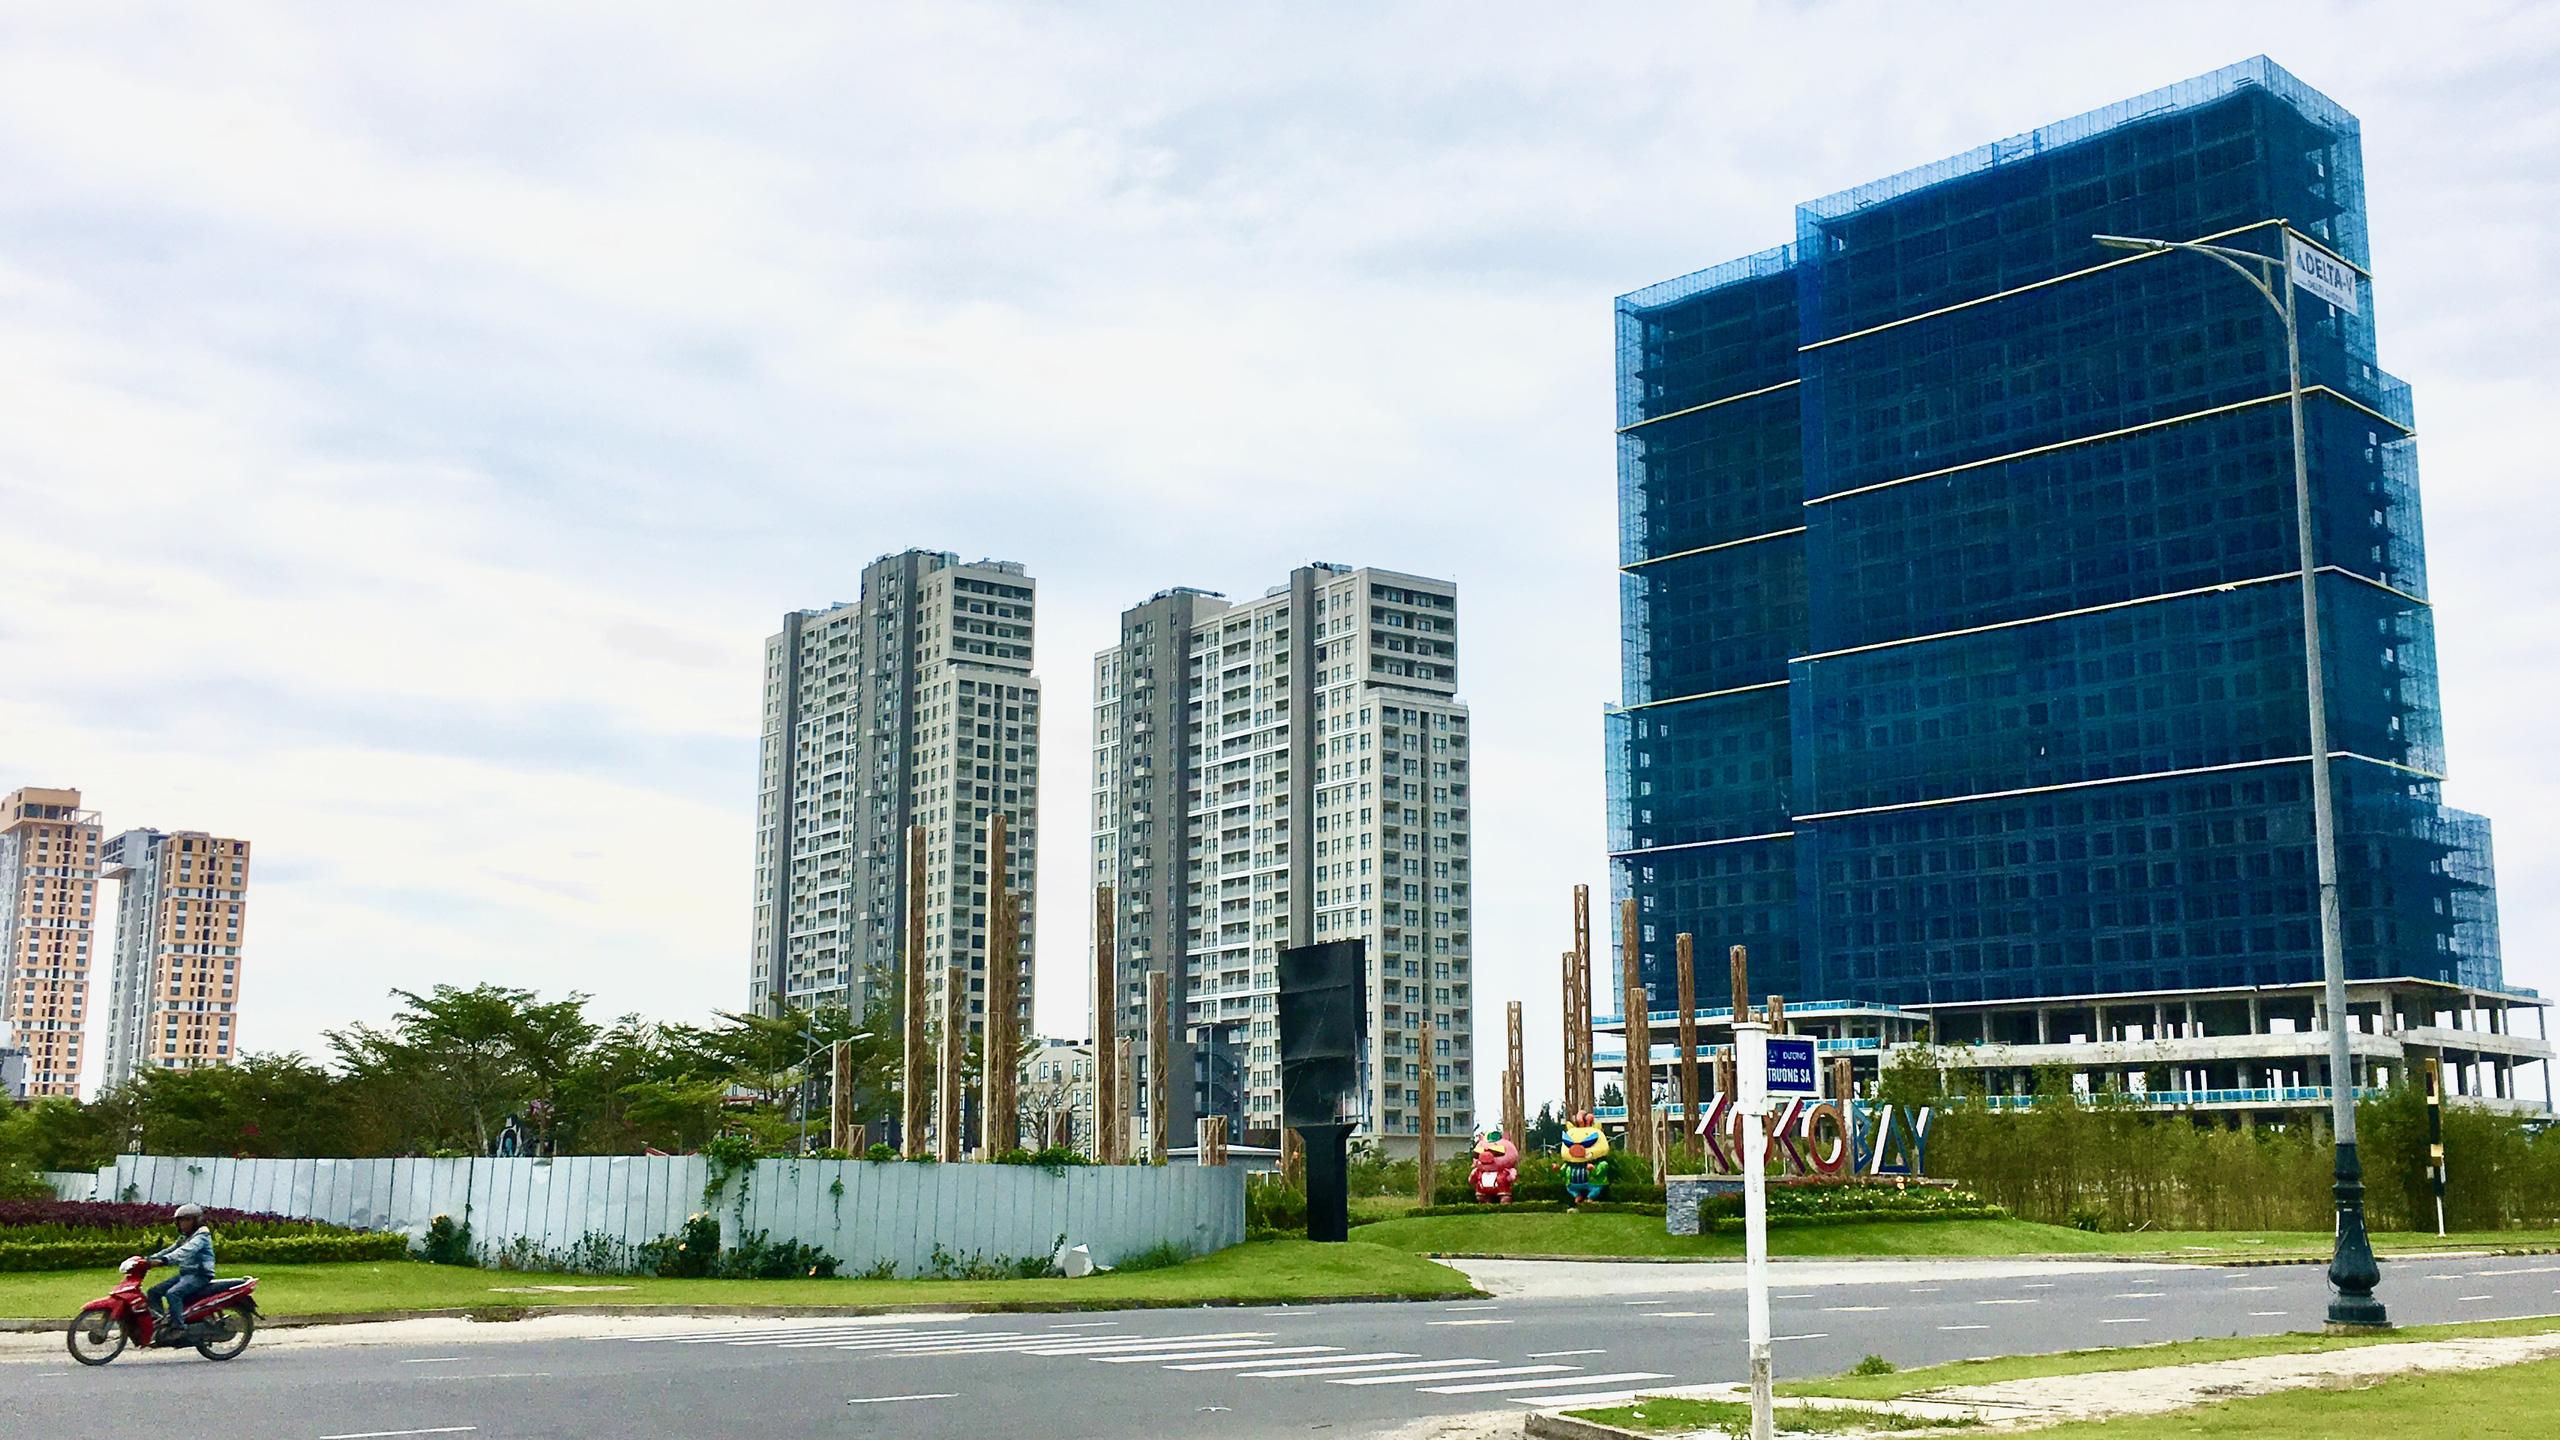 Đà Nẵng: Quận Ngũ Hành Sơn sắp có hơn 4.500 căn hộ chung cư, riêng FPT hơn 1.900 căn - Ảnh 2.